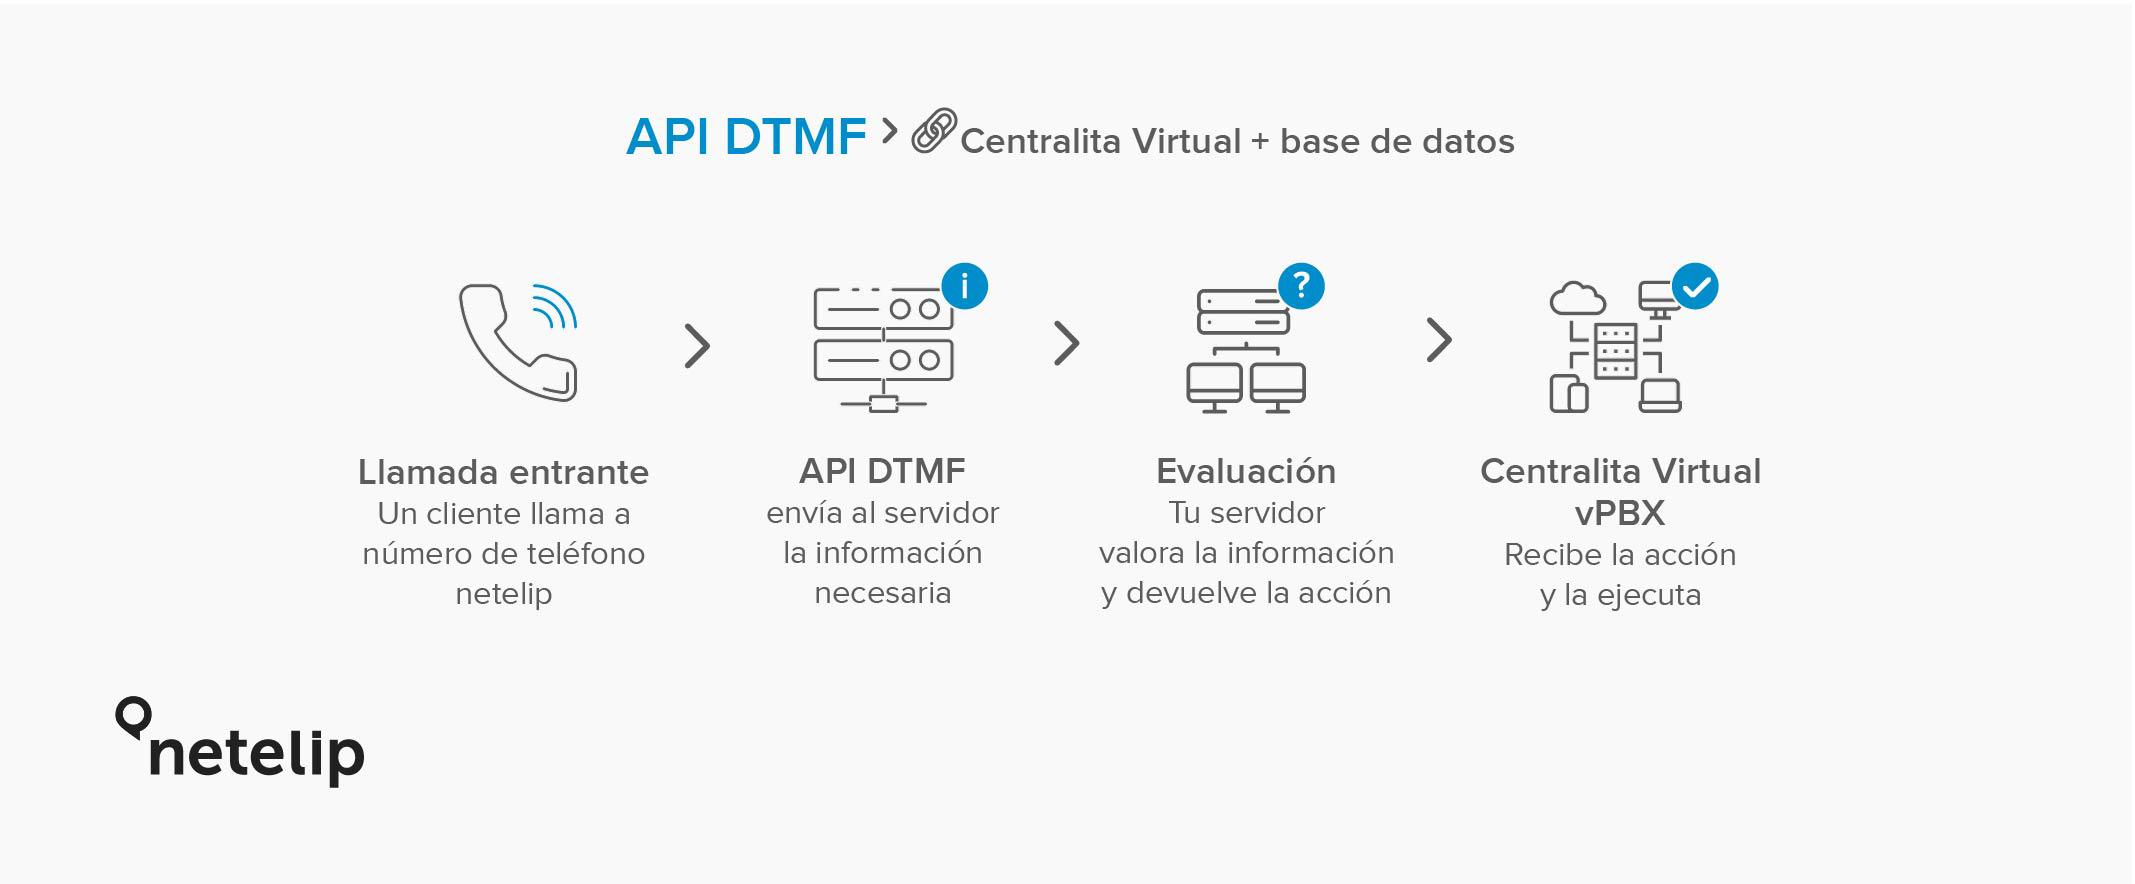 Explicación API DTMF